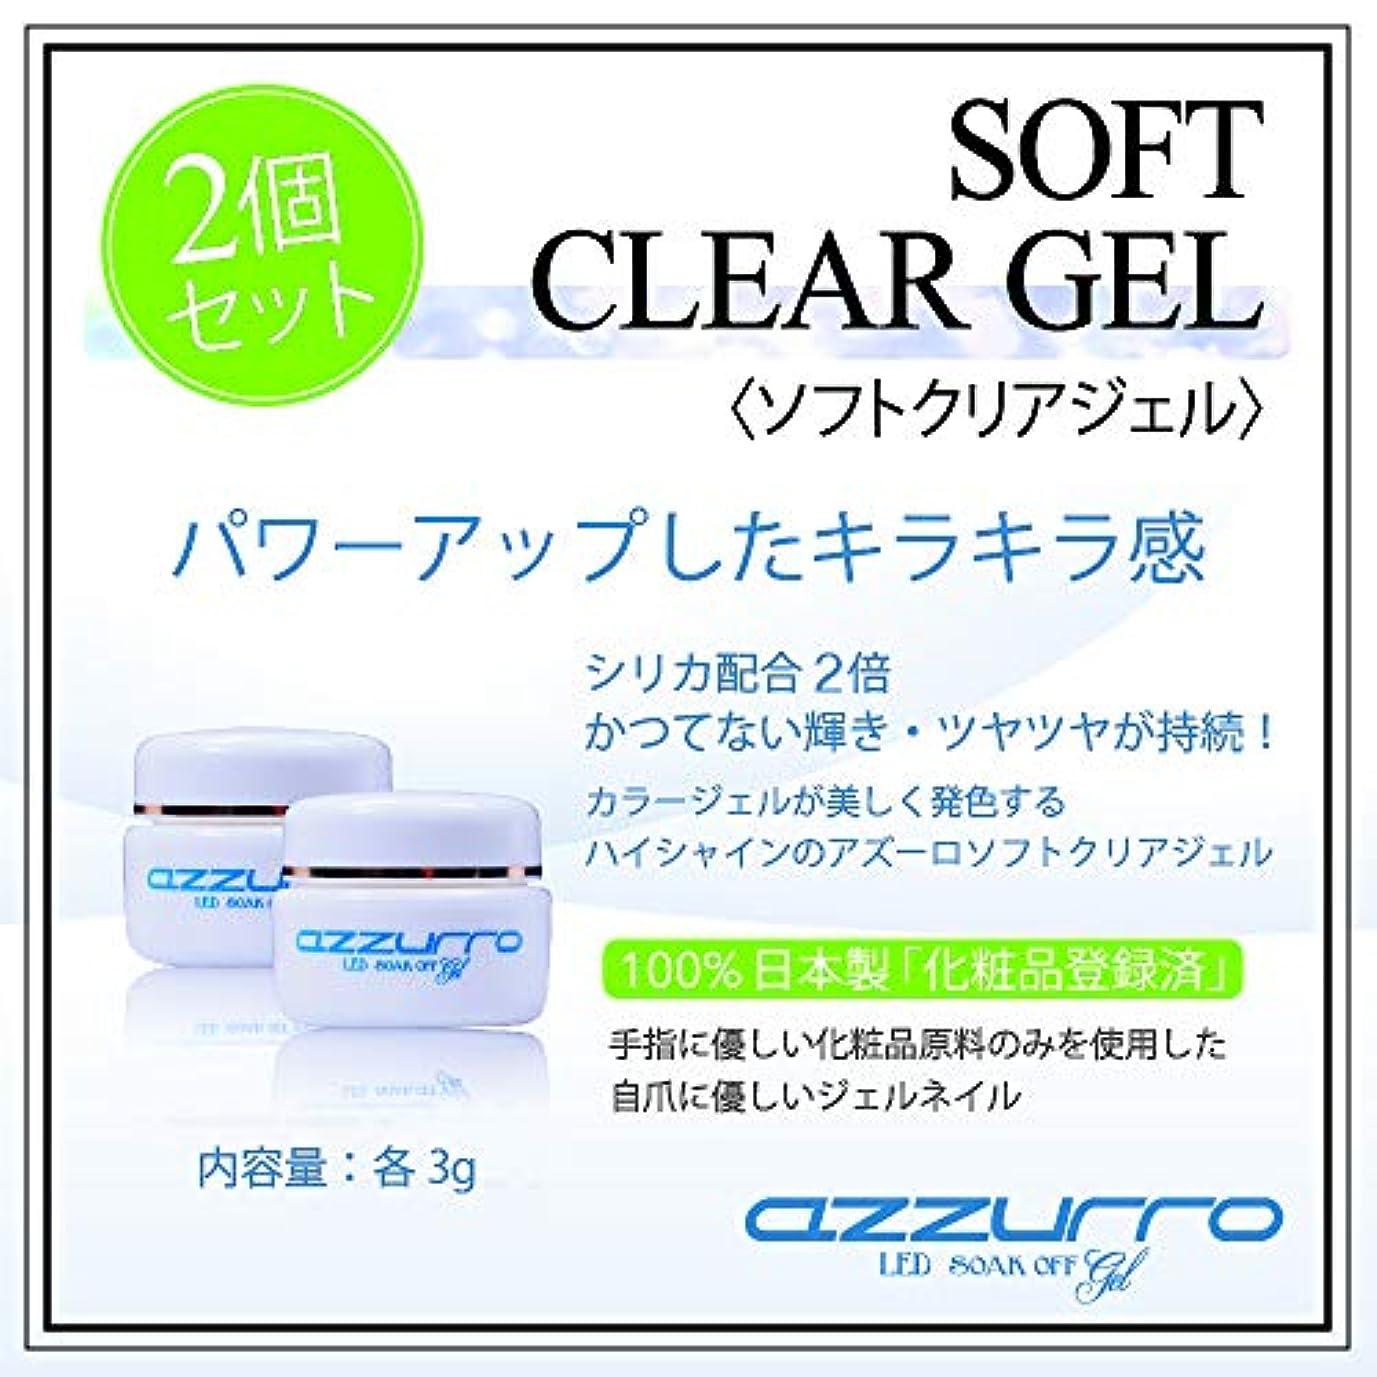 バタフライ十億きらめきazzurro gel アッズーロ ソフトクリアージェル お得な2個セット ツヤツヤ キラキラ感持続 抜群のツヤ 爪に優しい日本製 3g